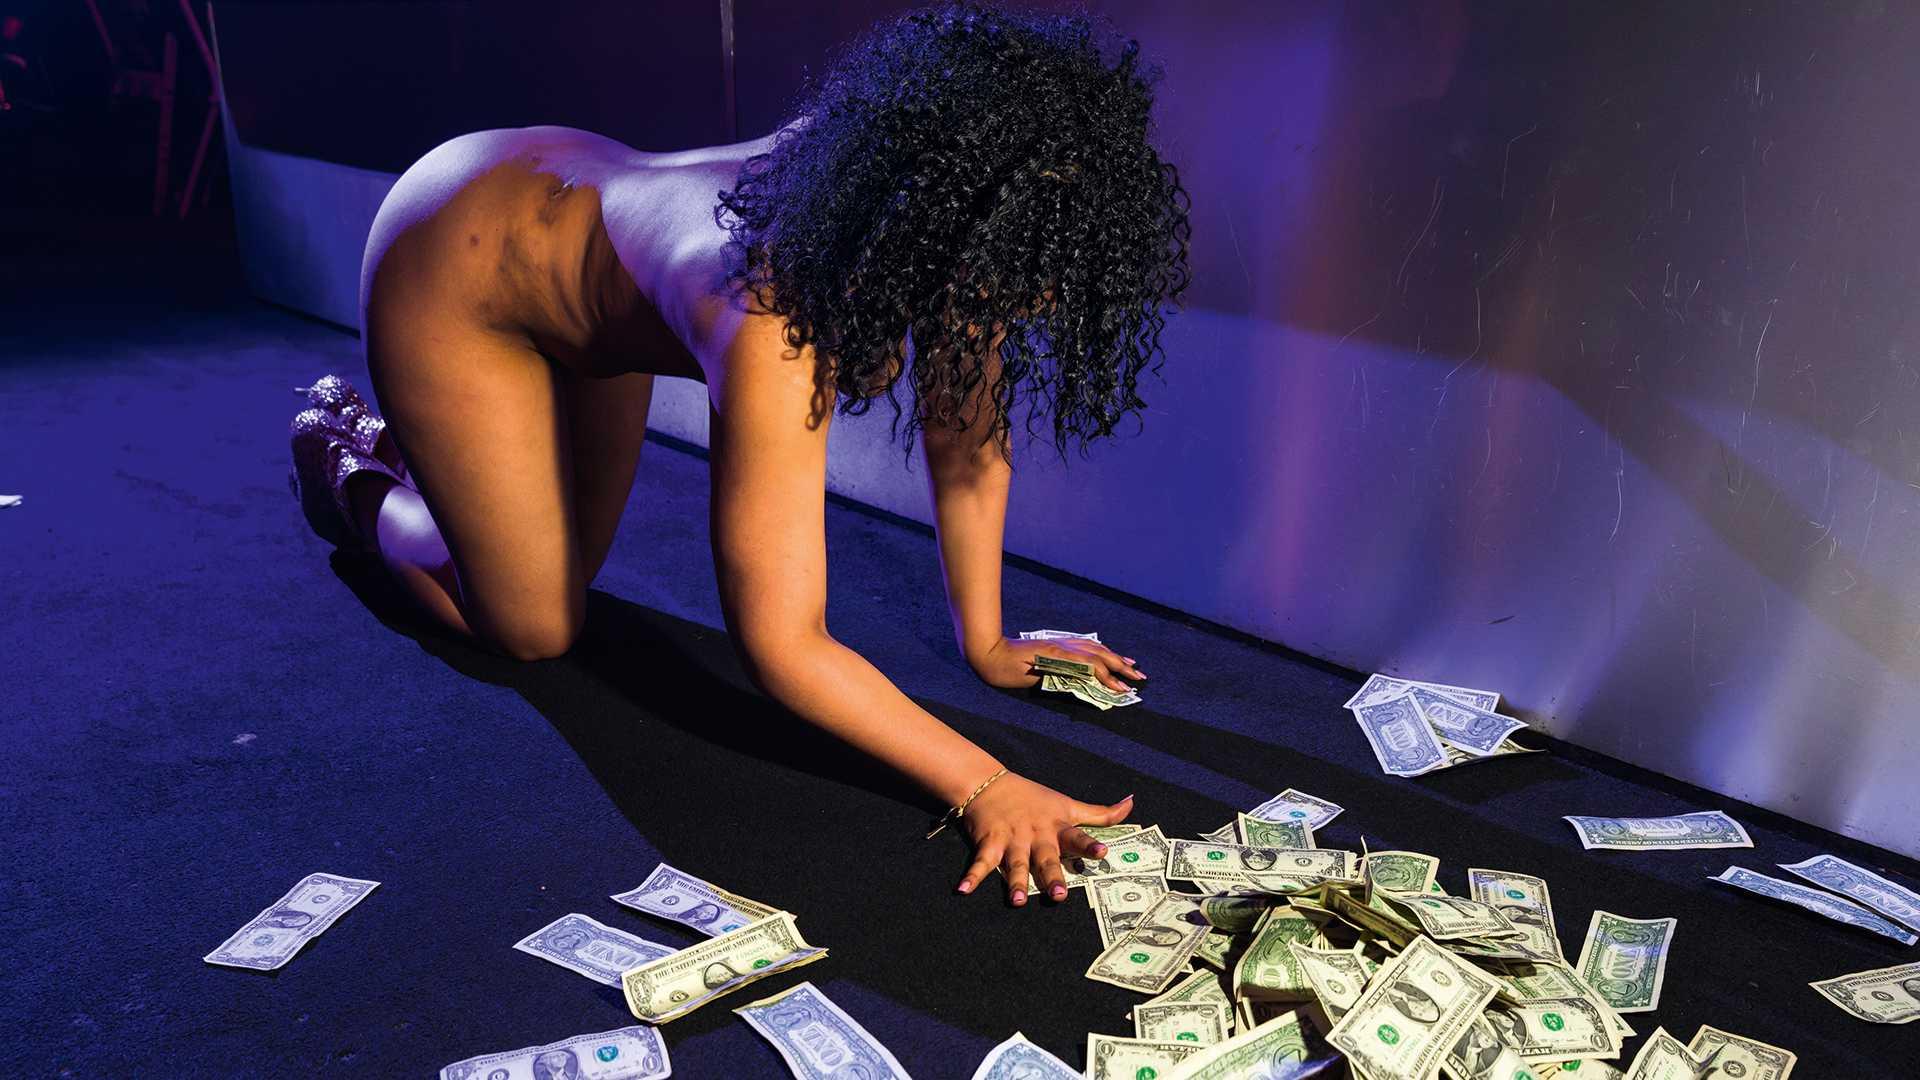 Strip Club In Atlanta